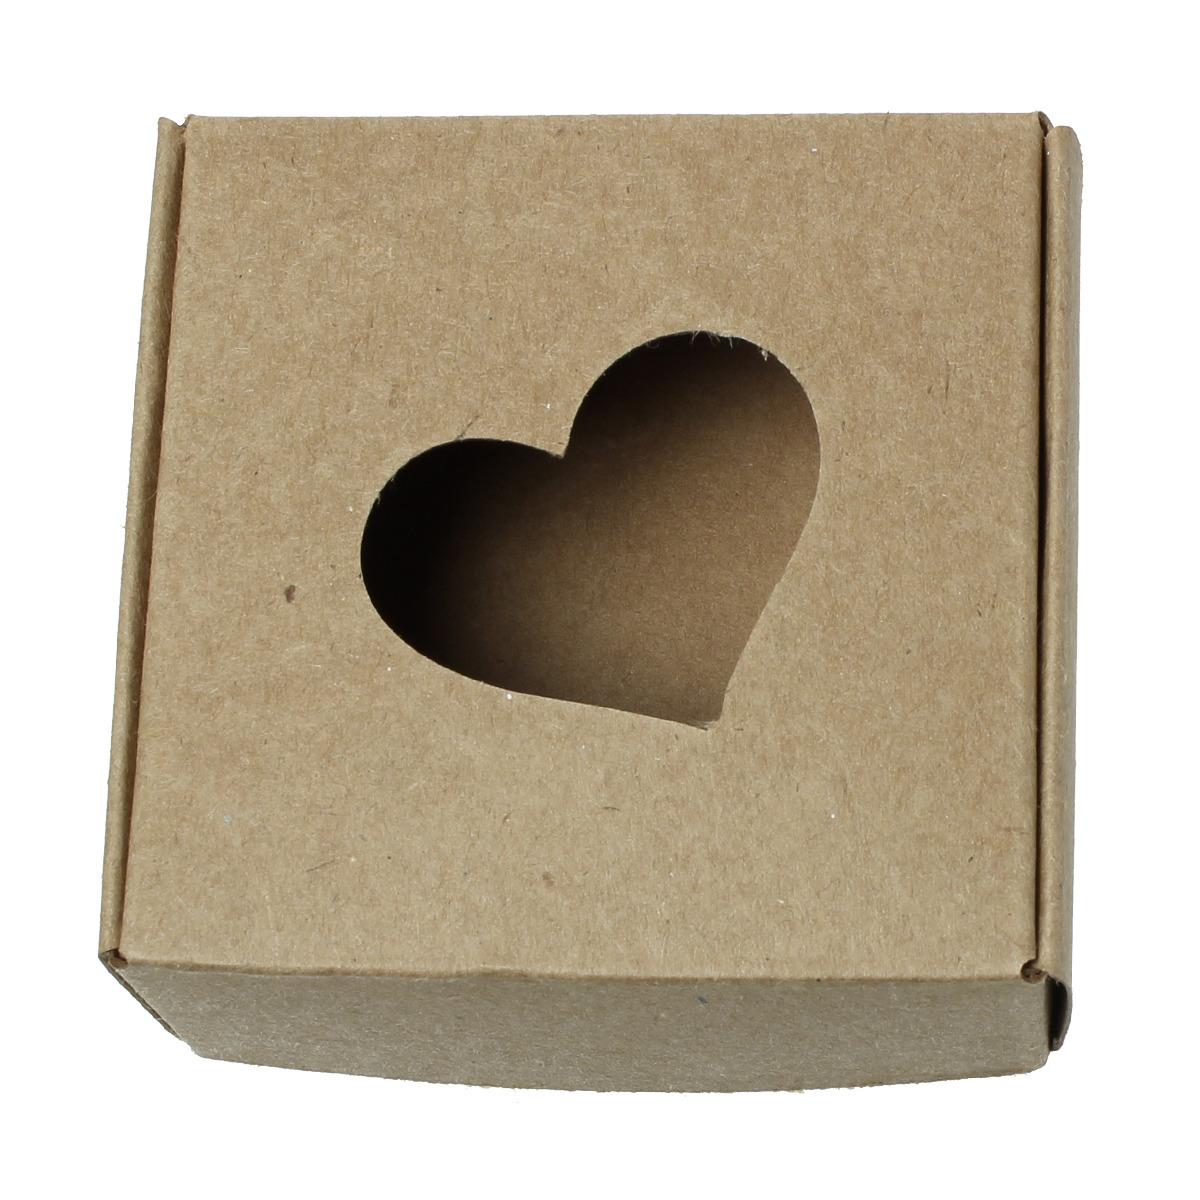 dárková krabička srdce  hnědá  75mm  1ks   Zboží prodejce Shushu ... 374dfaa120f